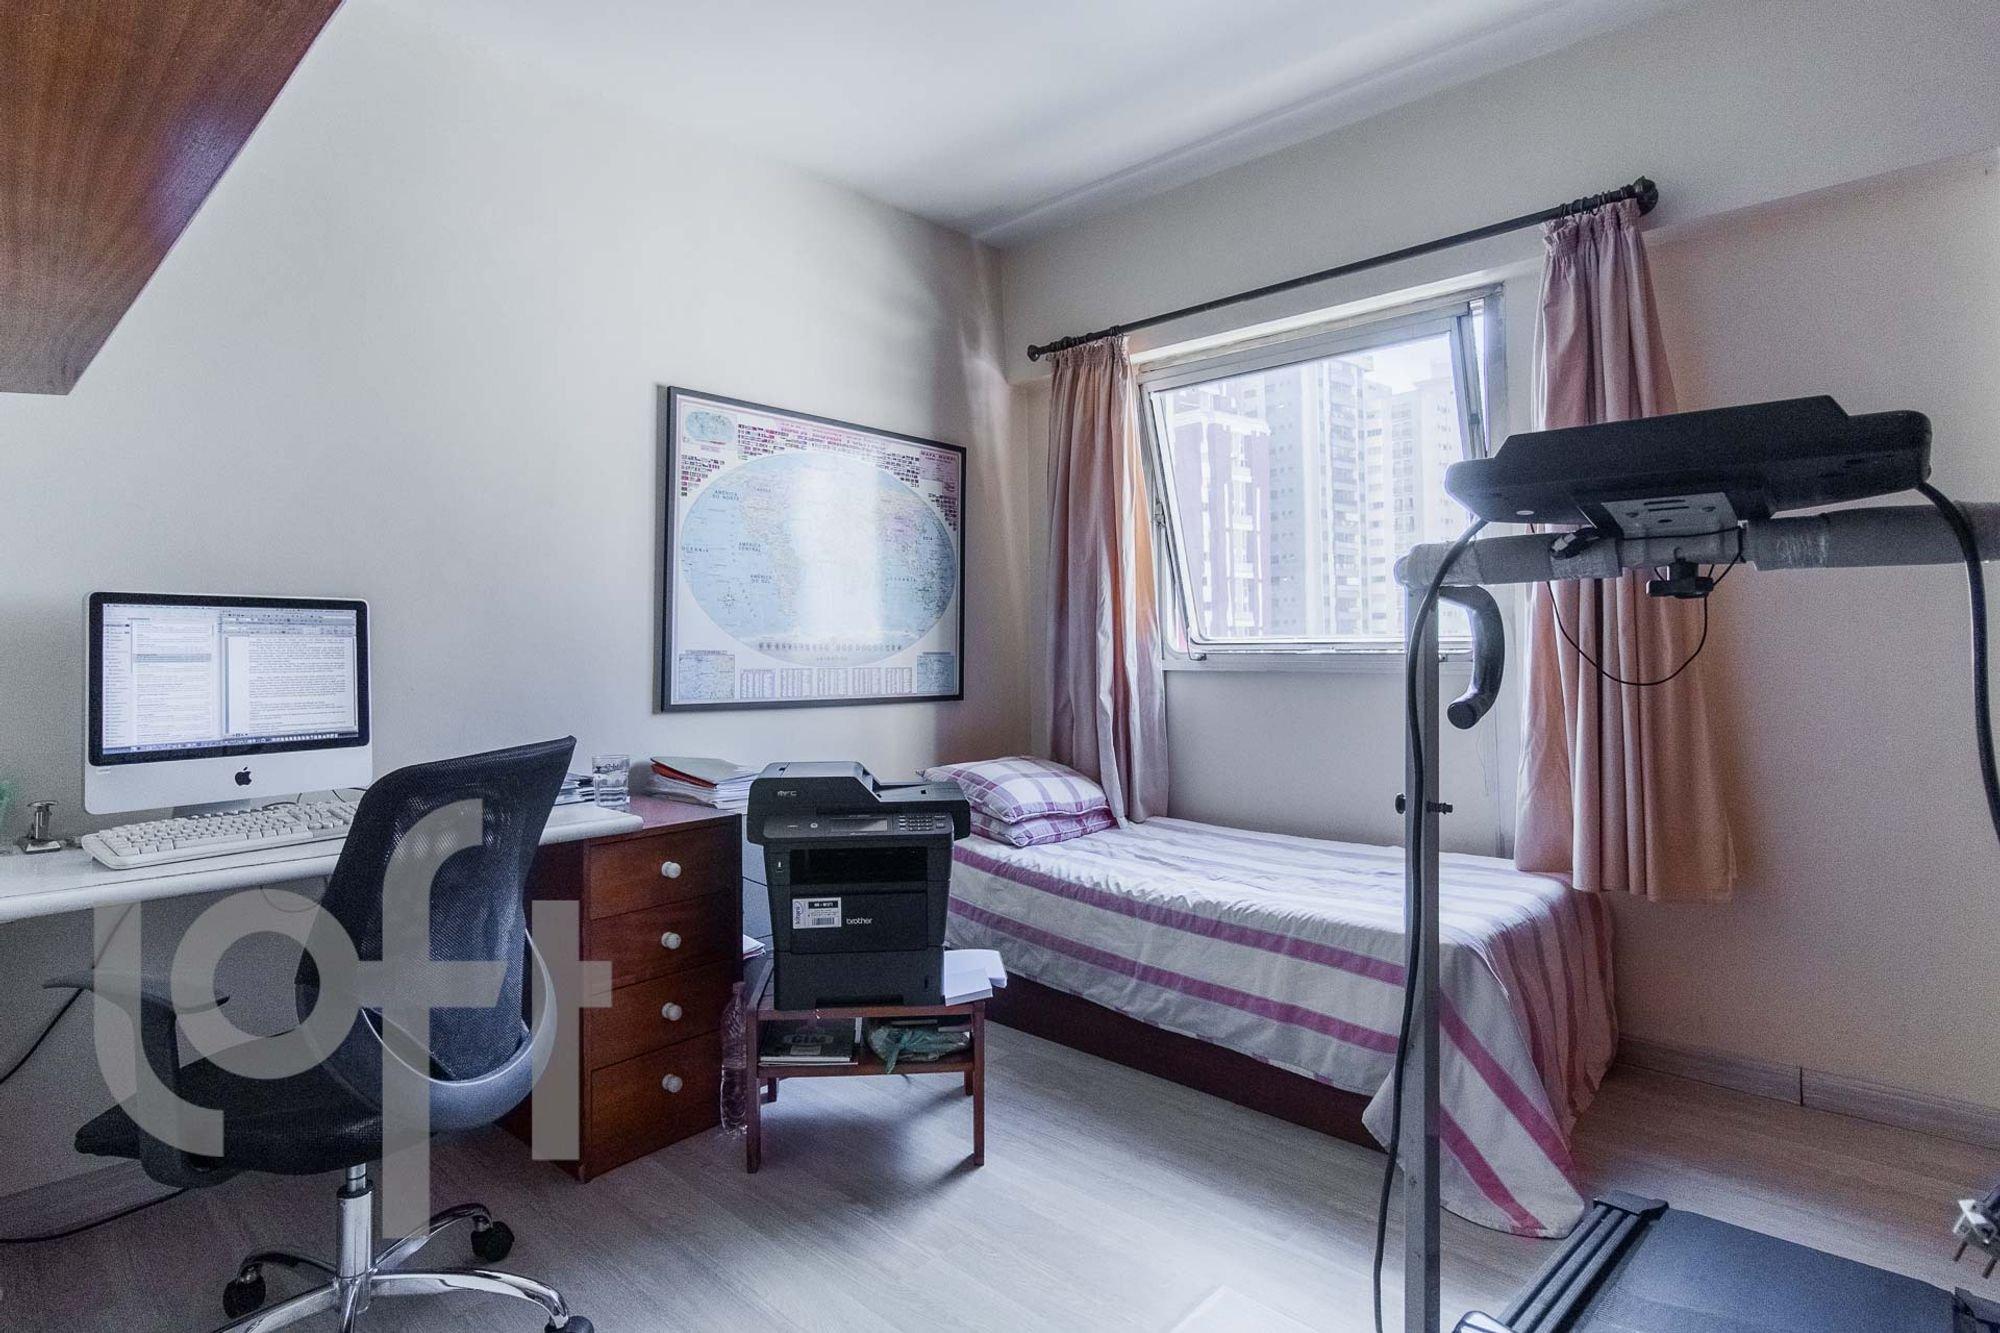 Foto de Quarto com cama, teclado, televisão, cadeira